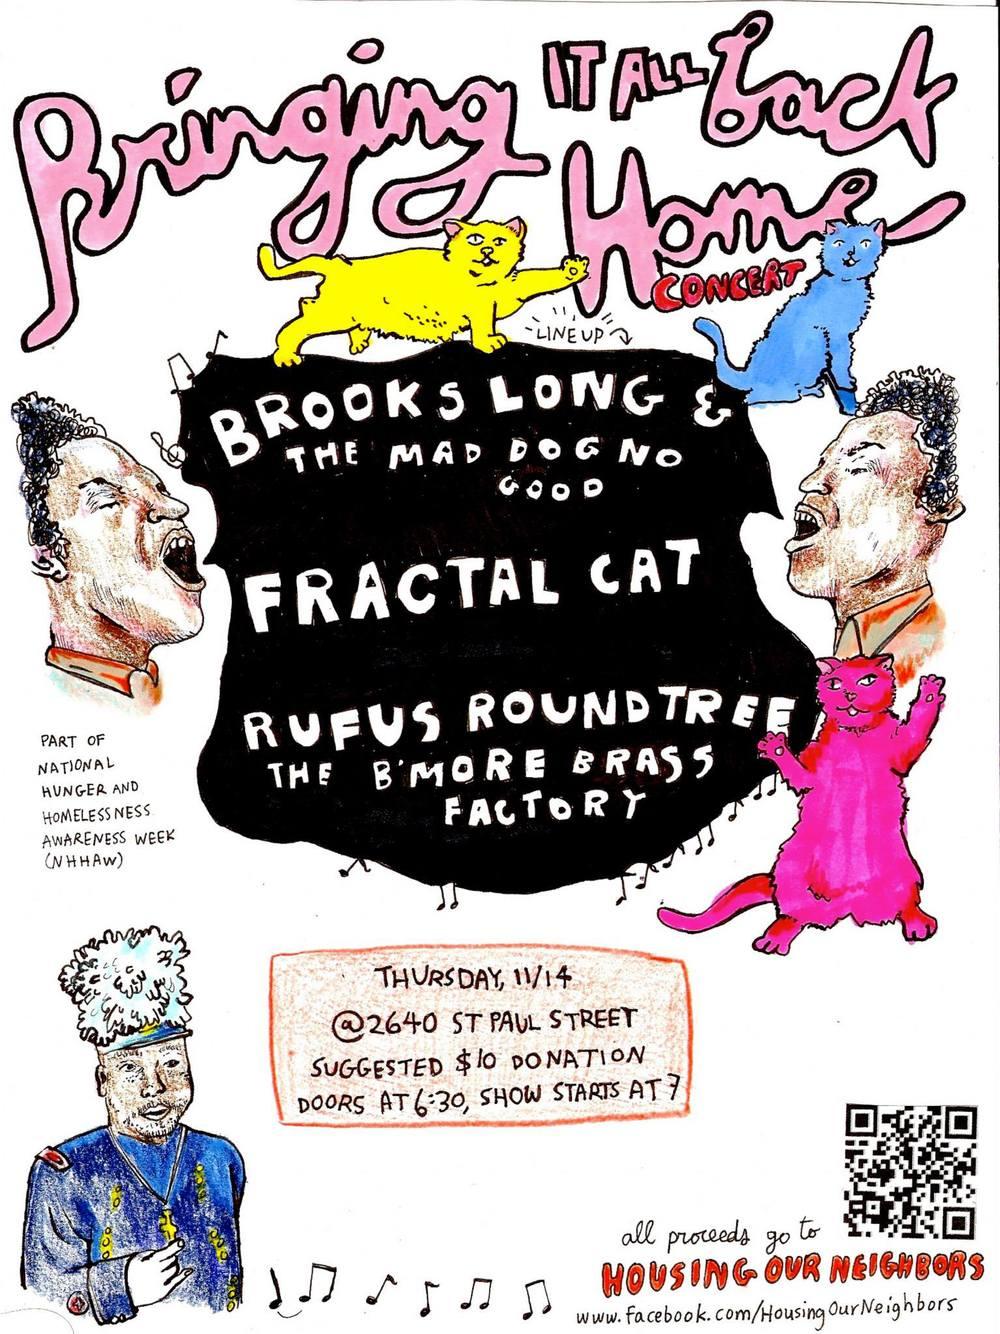 FractalCat_Poster_2640.jpg